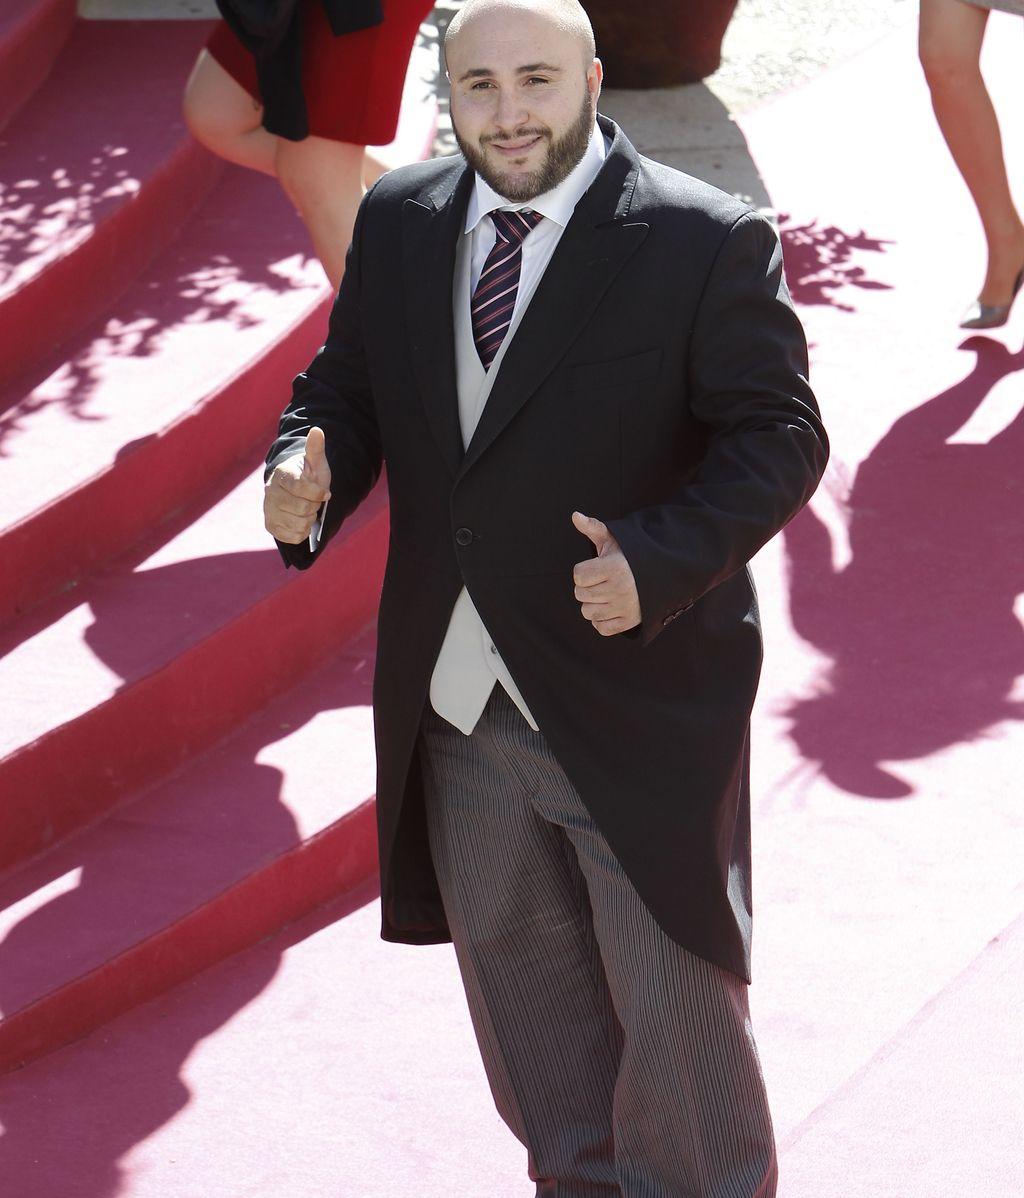 Kiko no le ha entregado a Cayetano dos capotes por su boda, según P. García Pelayo